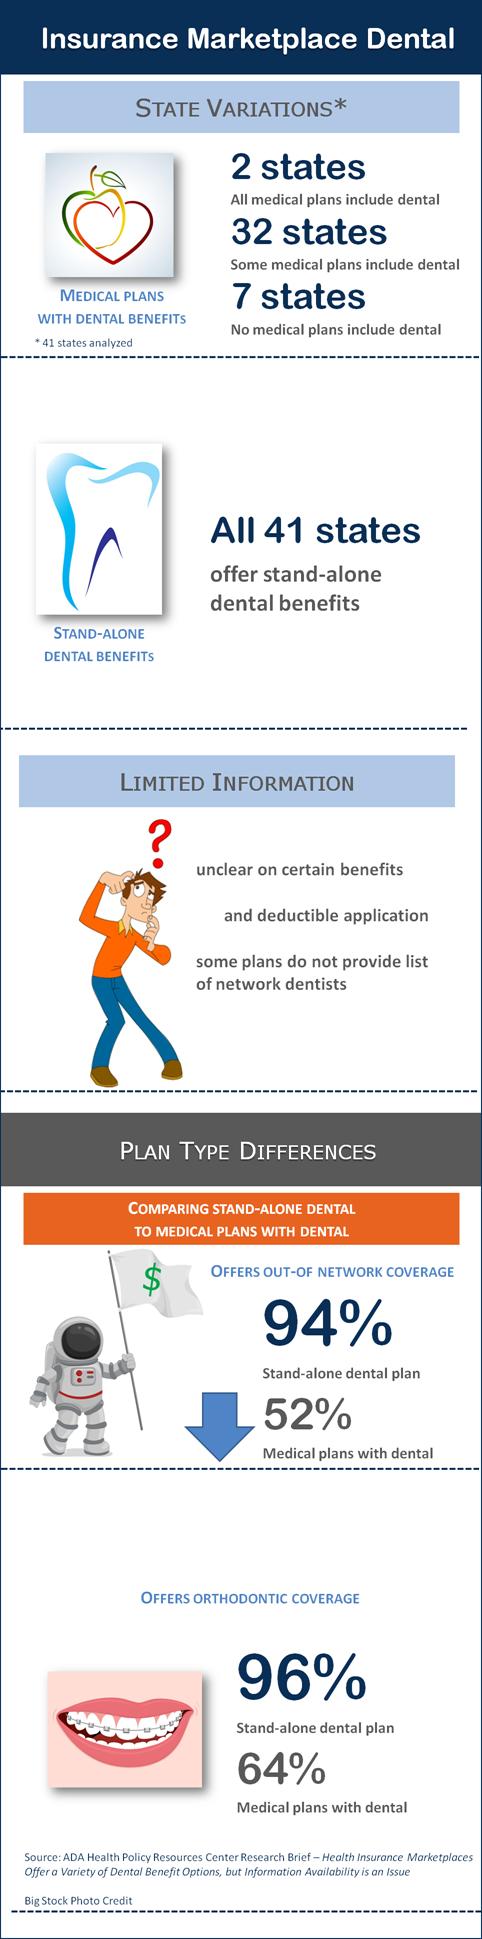 Dental Benefits in Marketplace-Blog